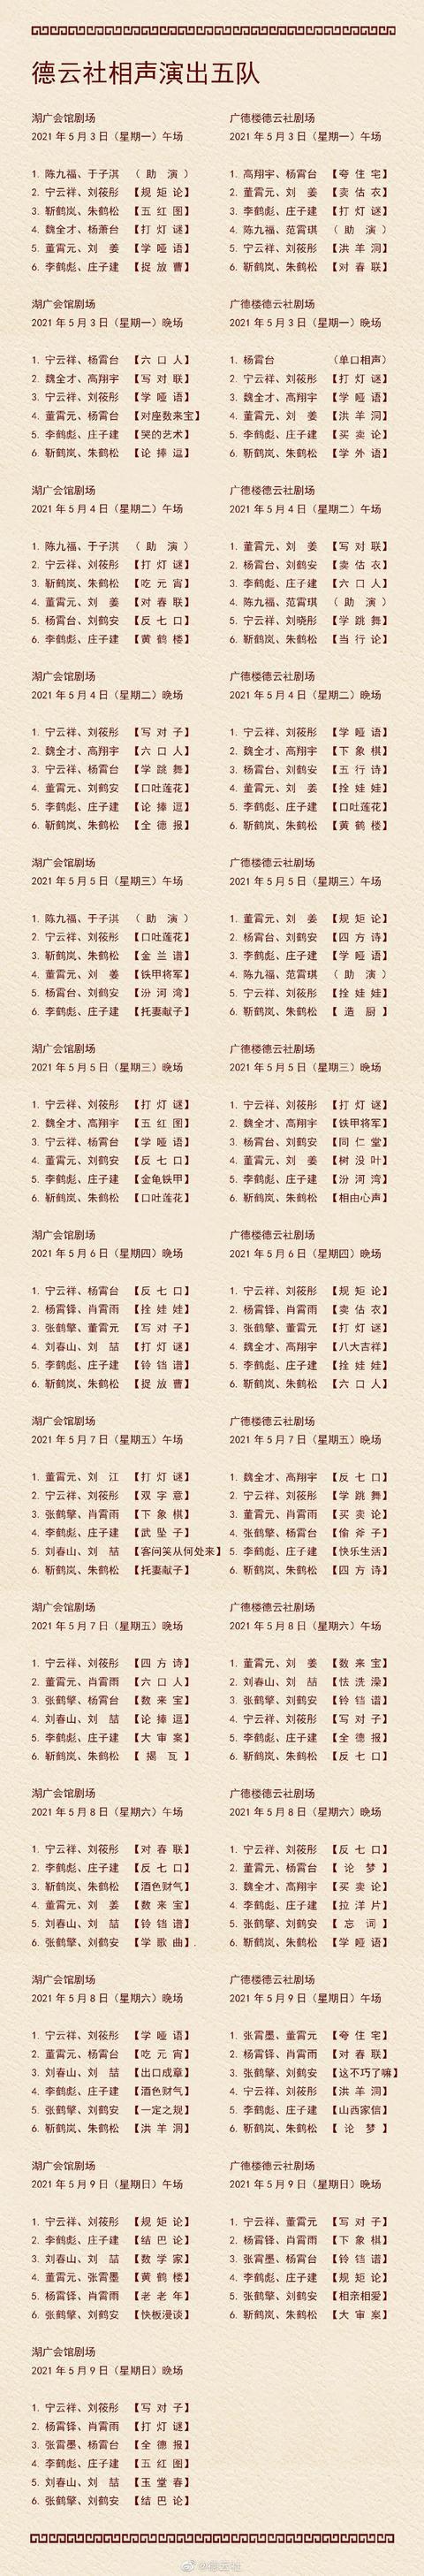 德云社演出节目单(2021年5月1日-5月9日)  全球新闻风头榜 第5张